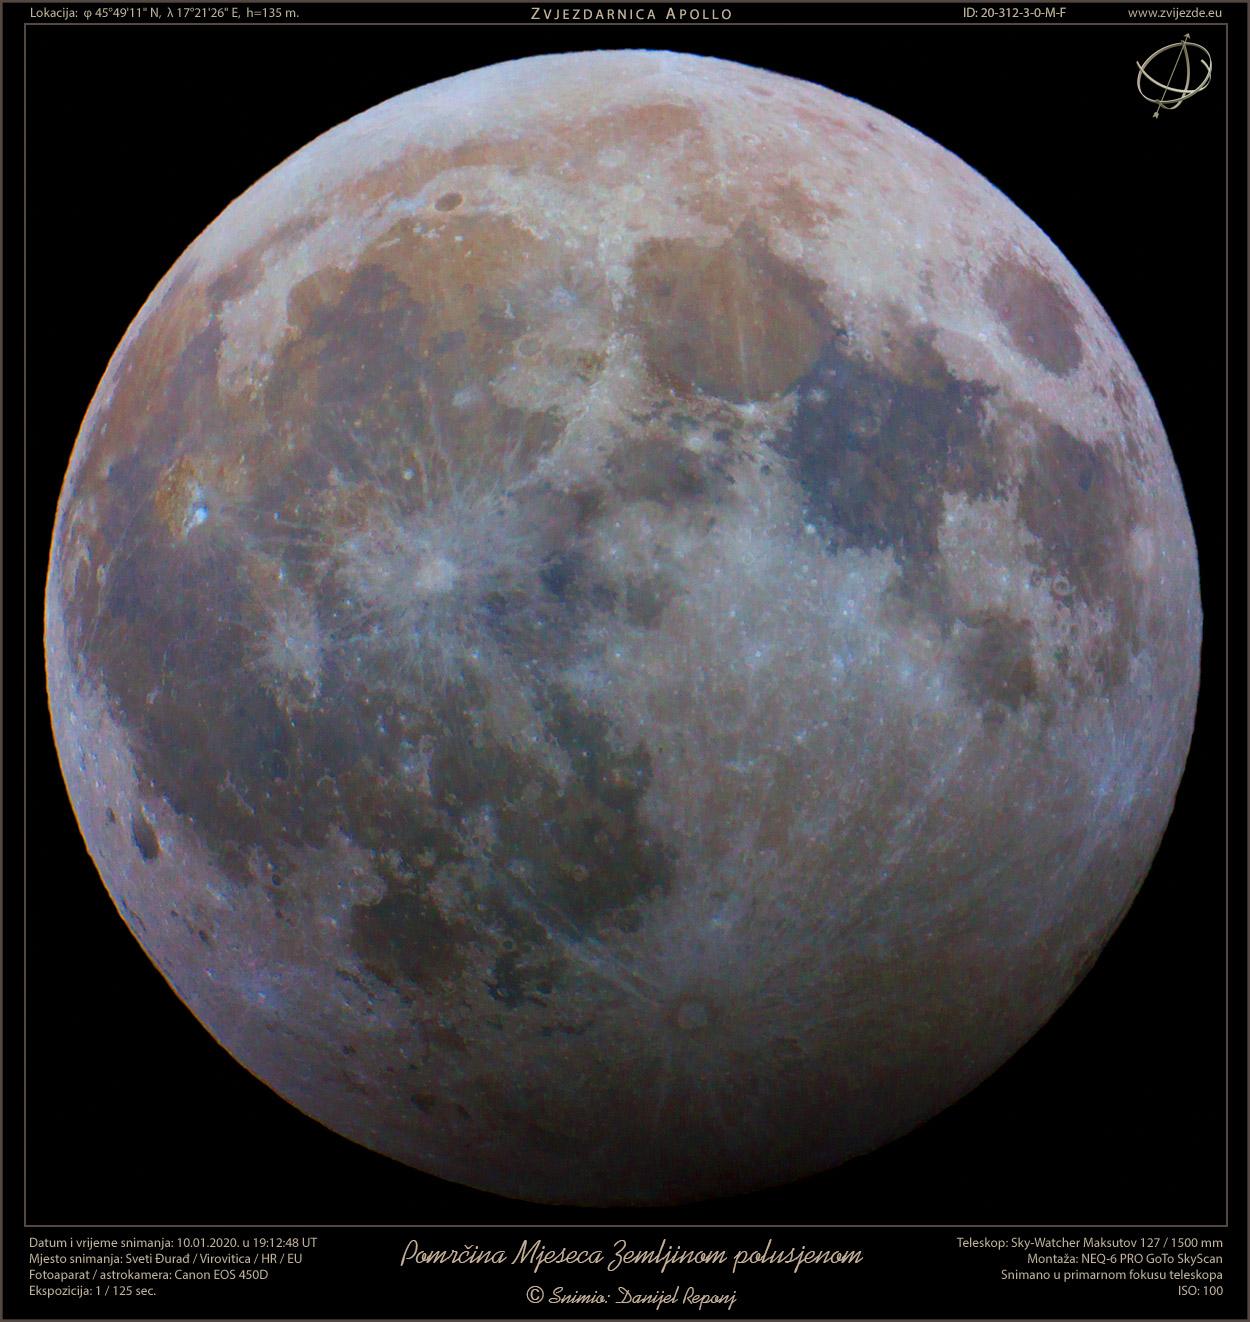 Boje Mjeseca i djelomična pomrčina MJeseca Zemljinom polusjenom